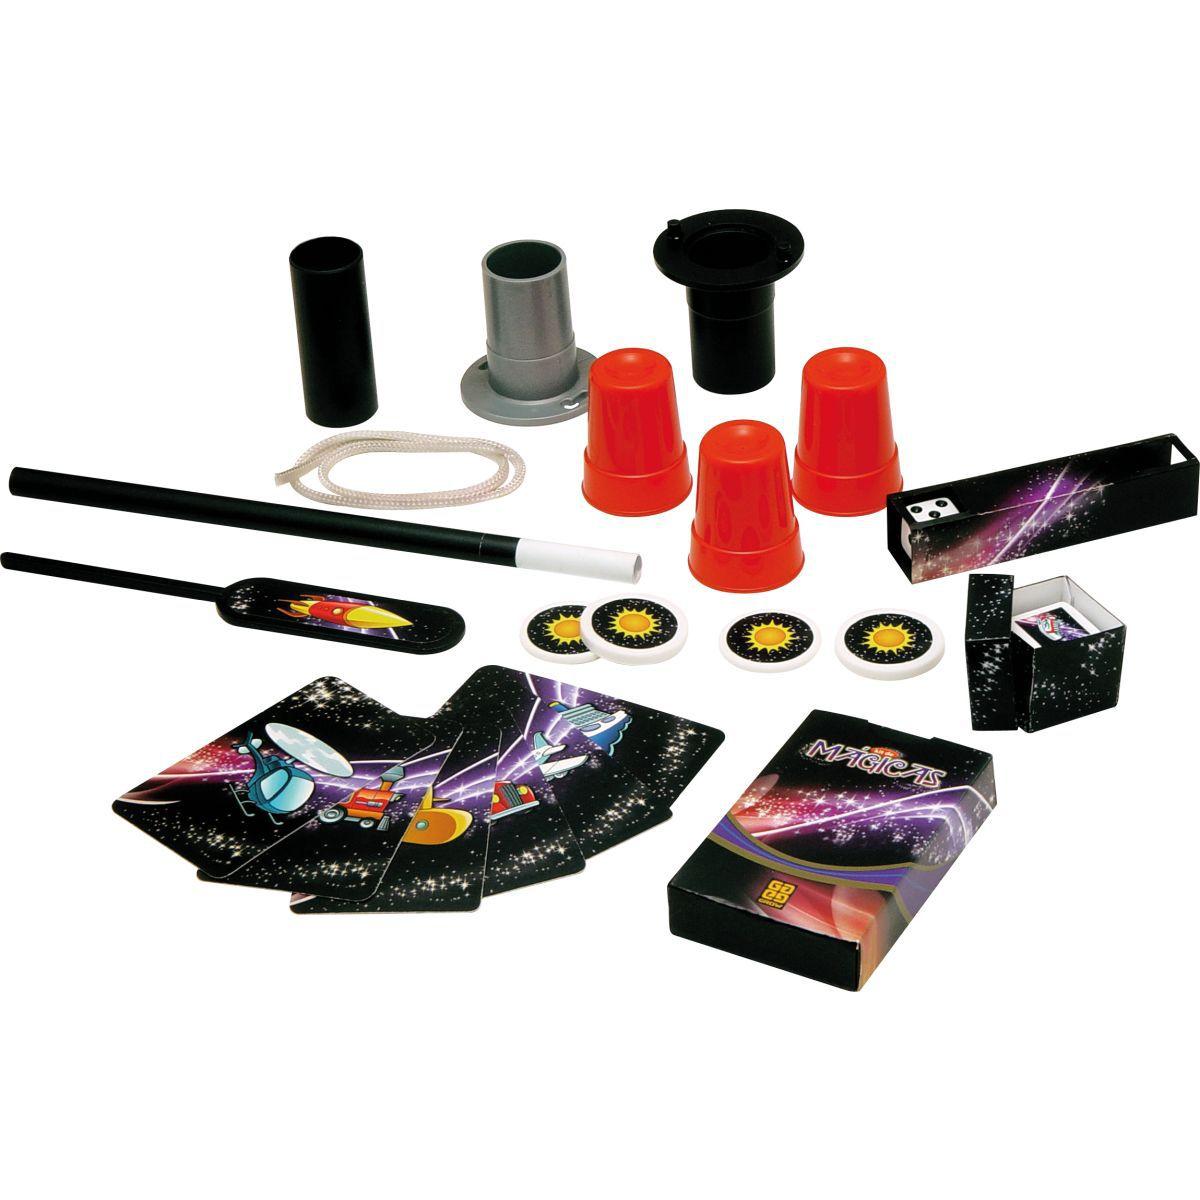 Jogo Kit de Mágicas 30 Truques - Grow